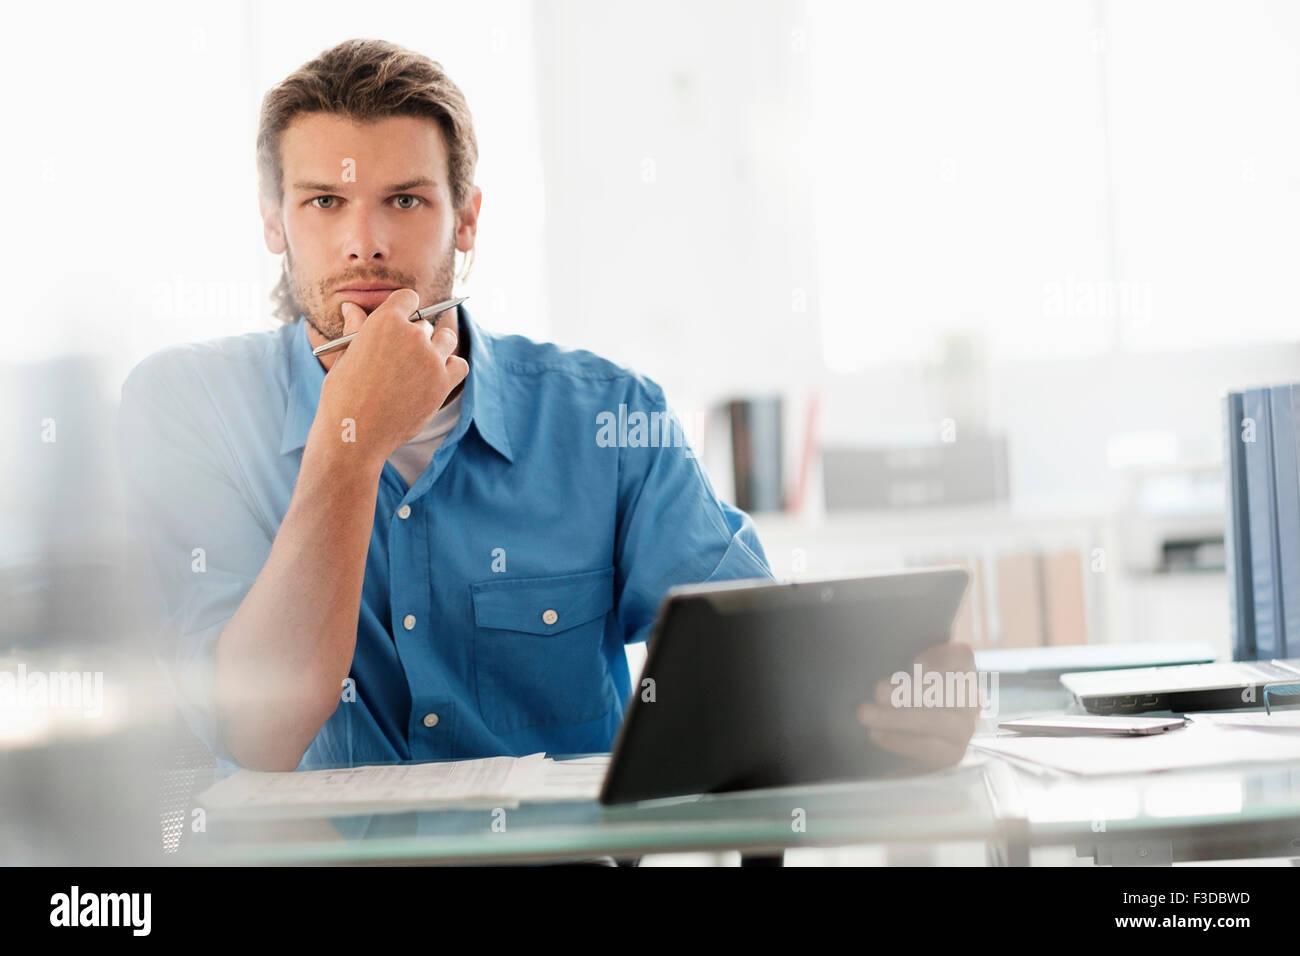 Ritratto di metà-imprenditore per adulti che lavorano in ufficio Immagini Stock